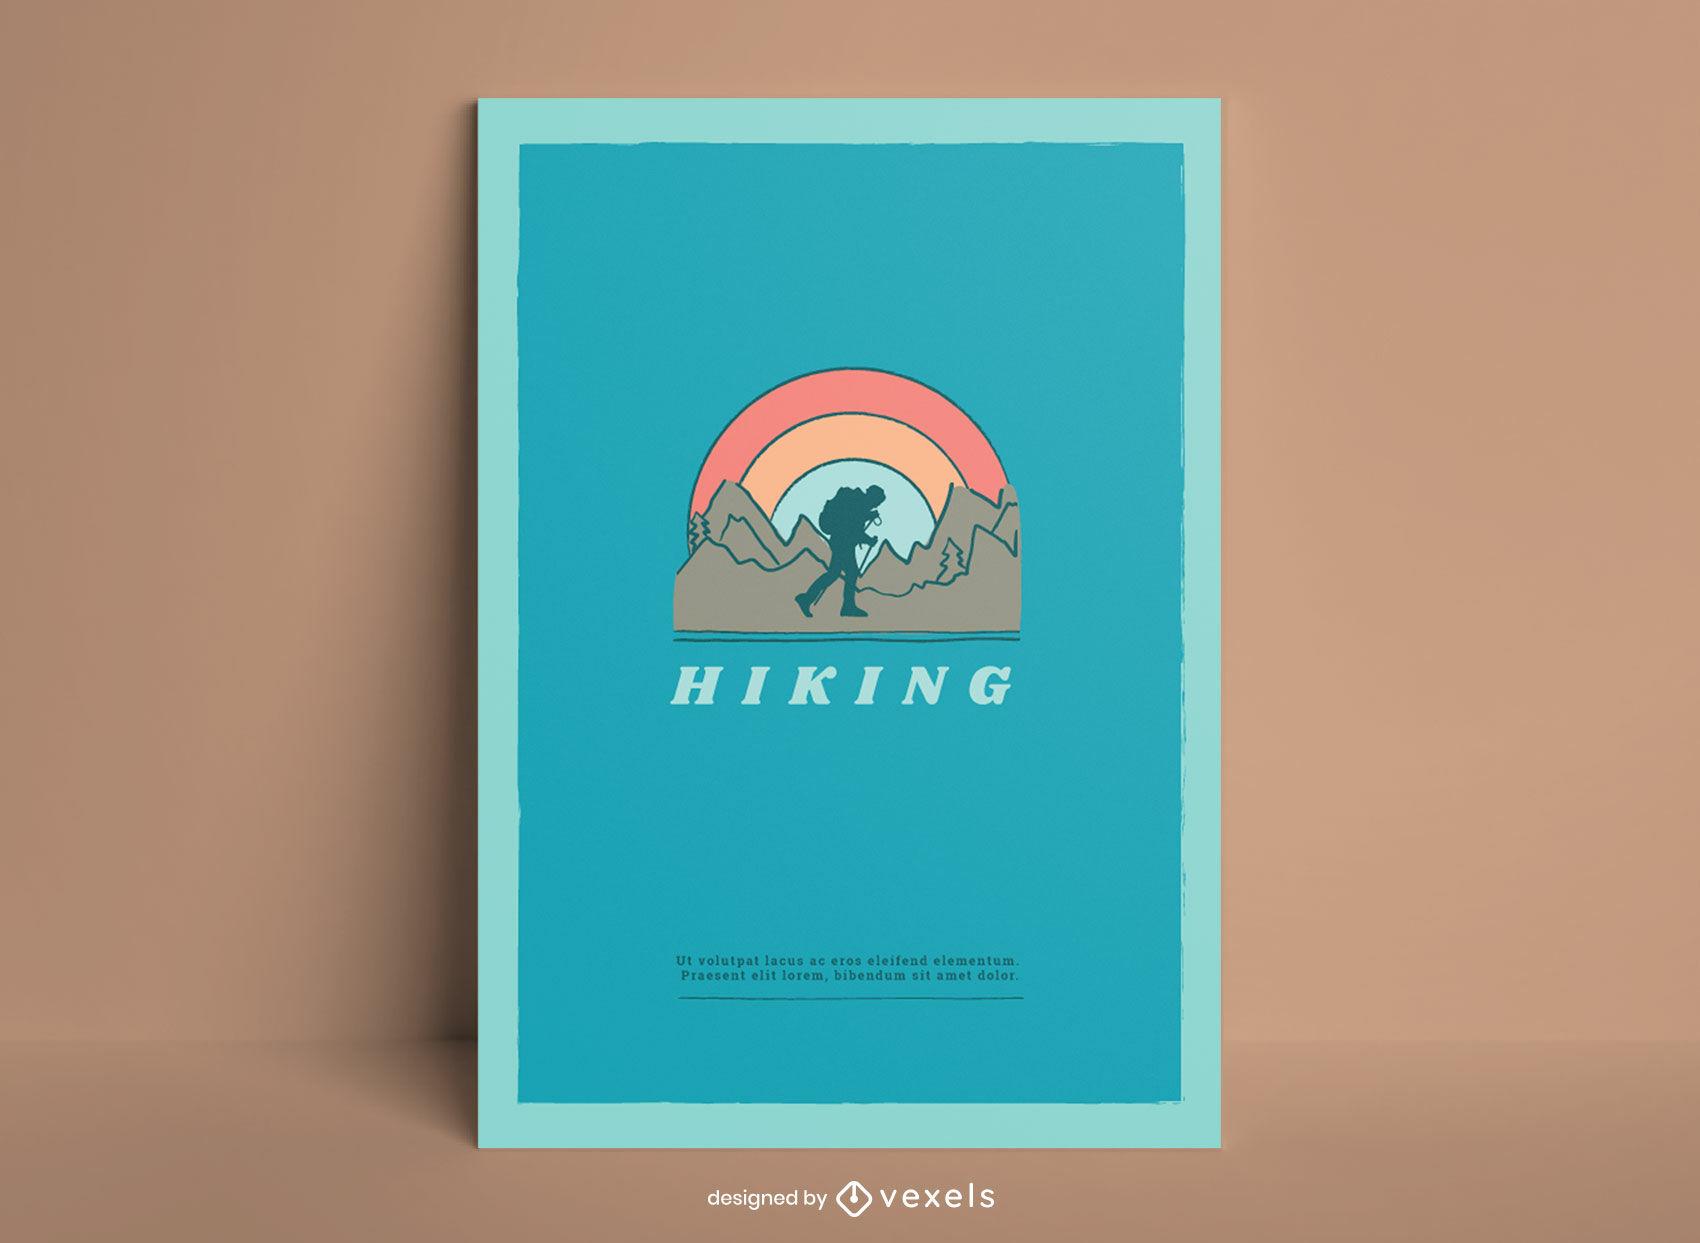 Hiking landscape doodle poster design